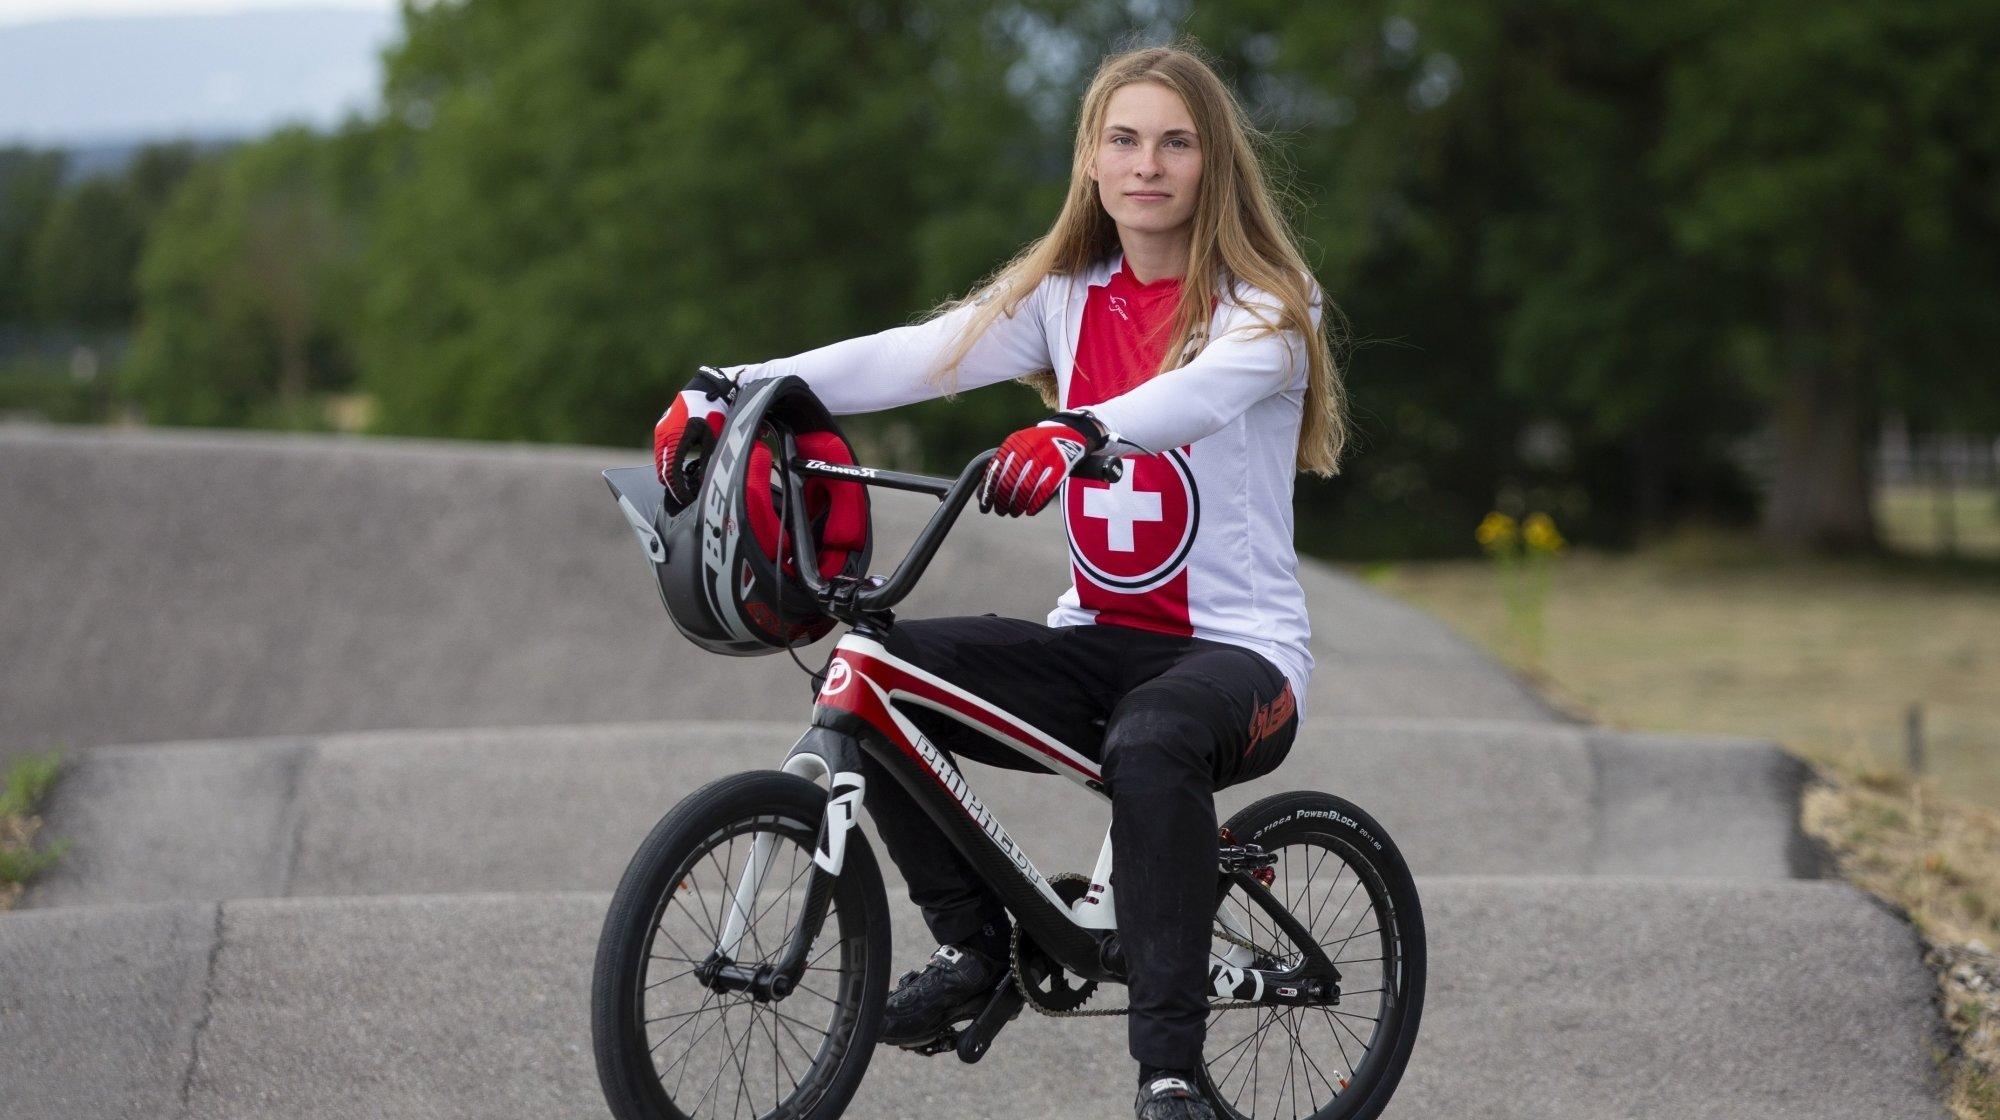 Zoé Claessens en pleine confiance avant son entrée aux Jeux olympiques